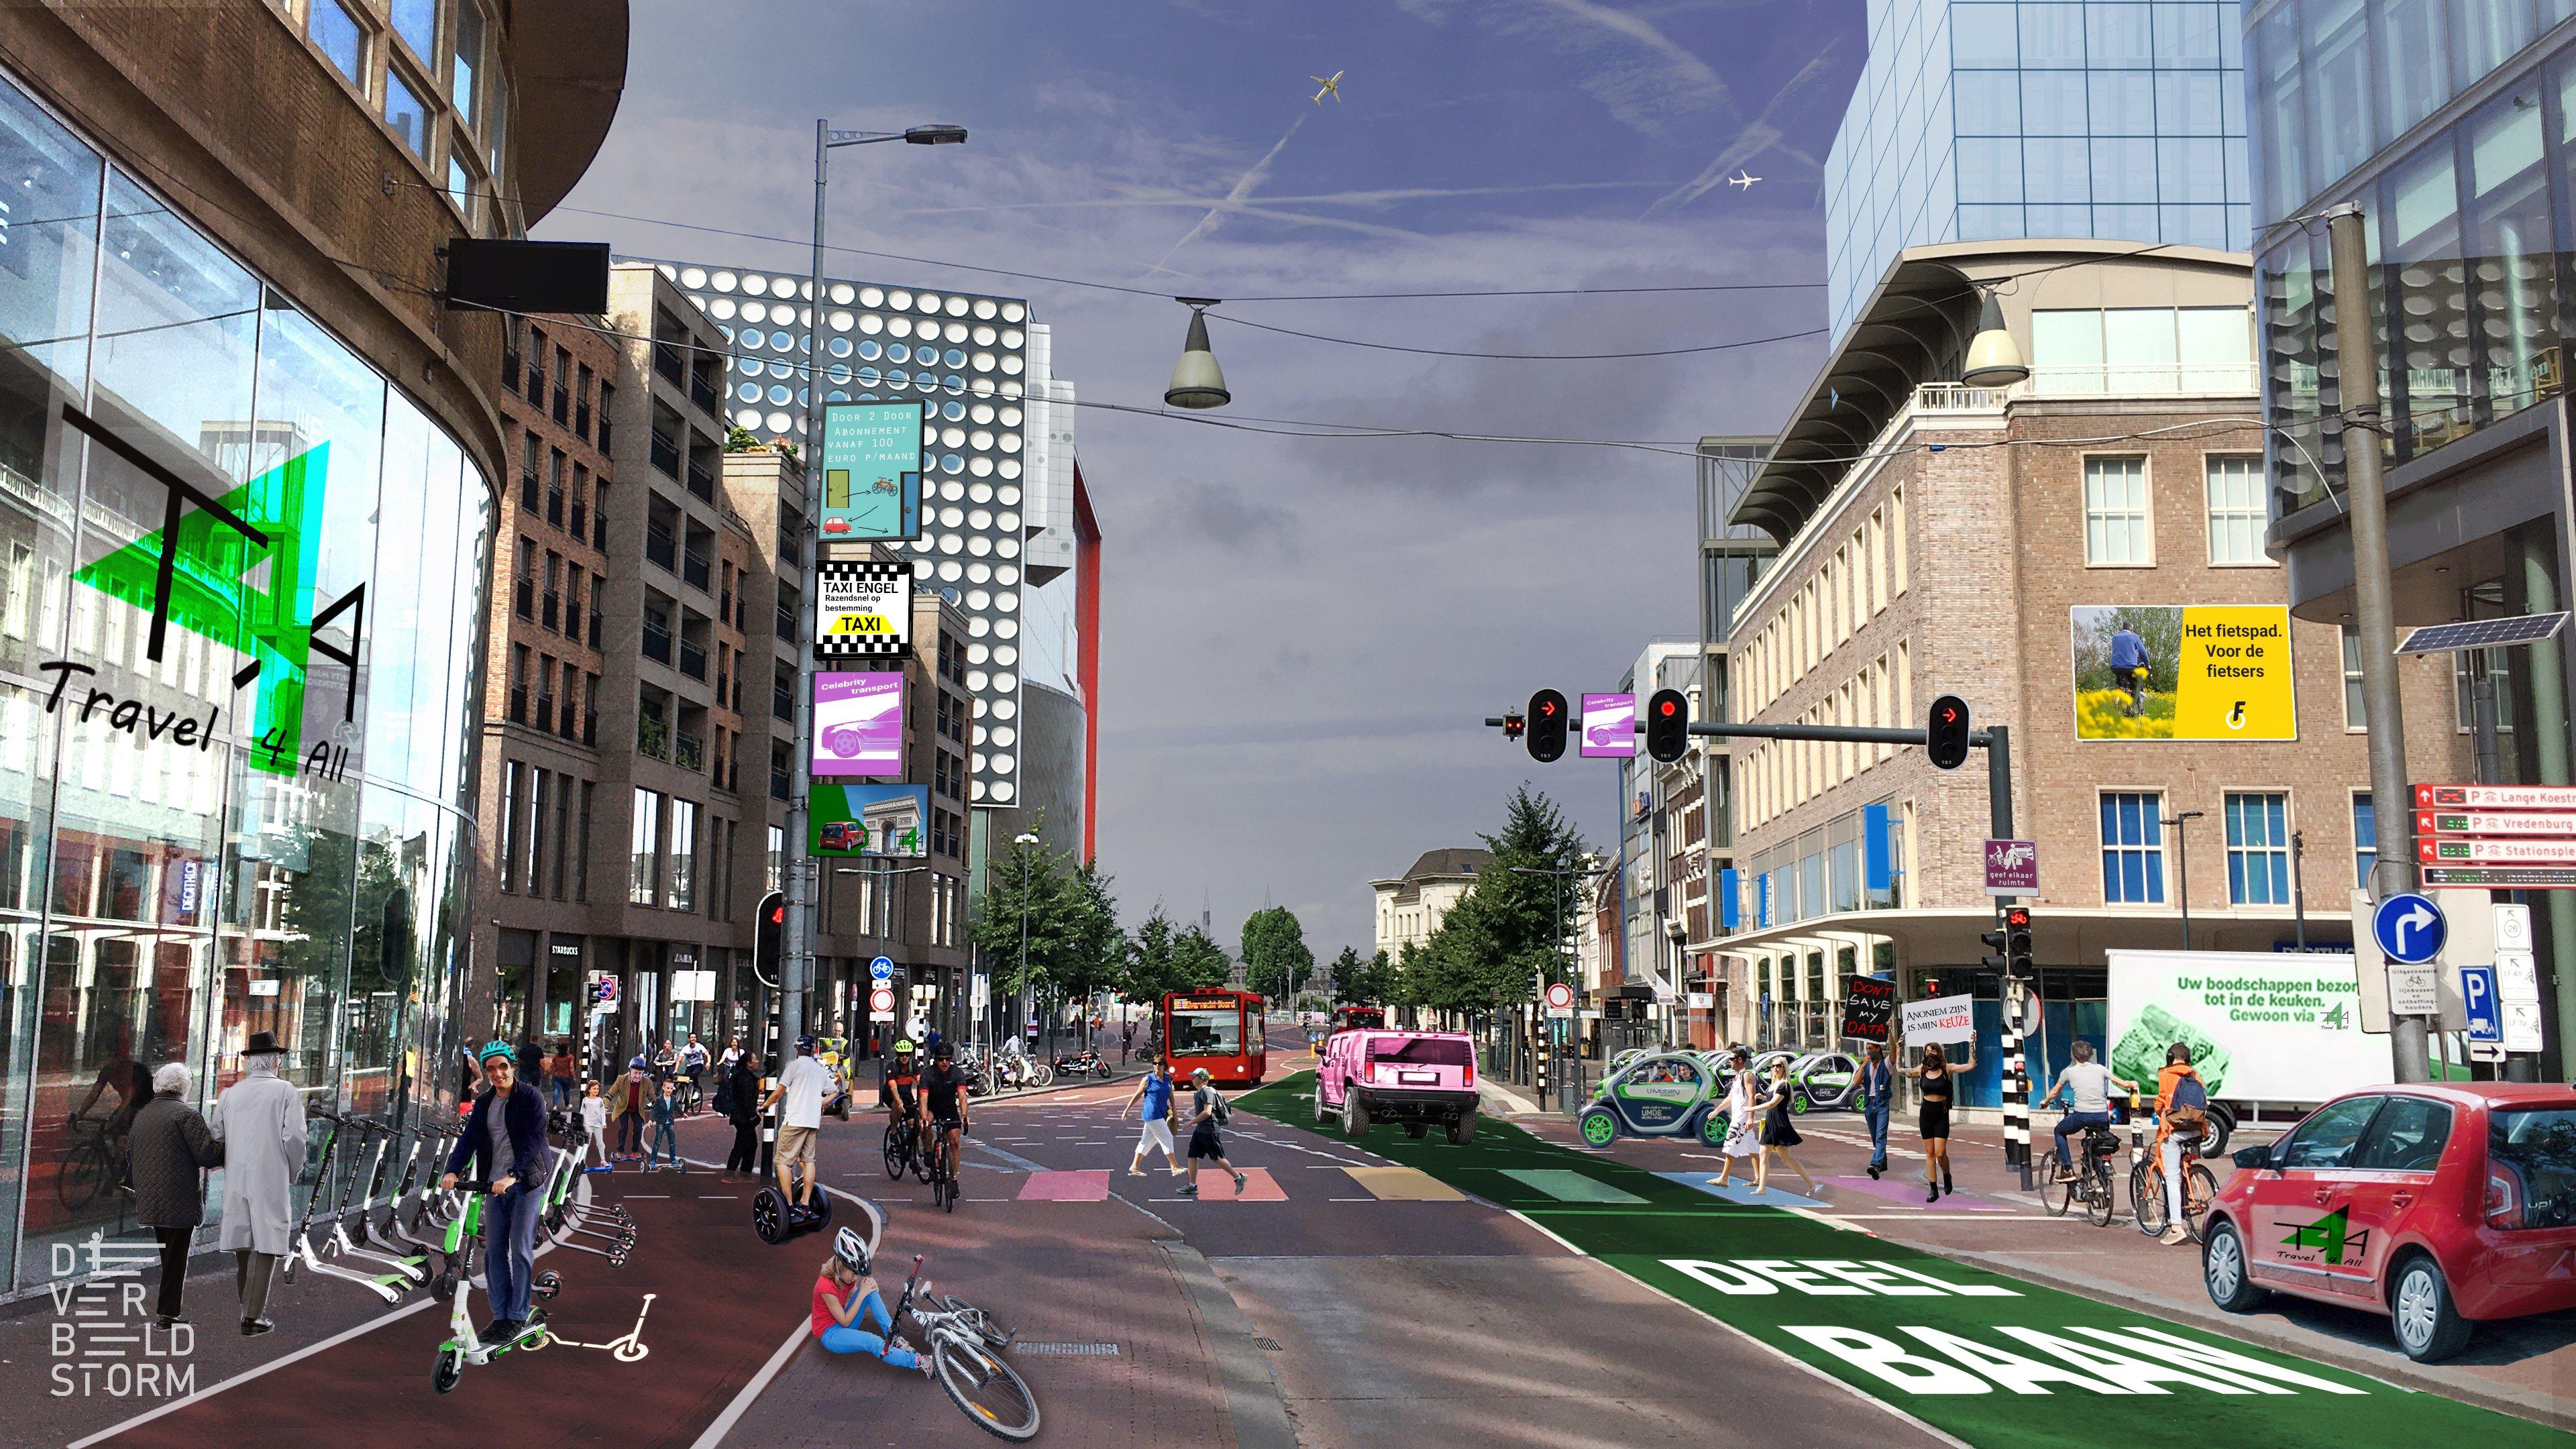 200822 Scenario Travel Unlimited (onbedoeld) - de Verbeeldstorm, Universiteit Utrecht 2020